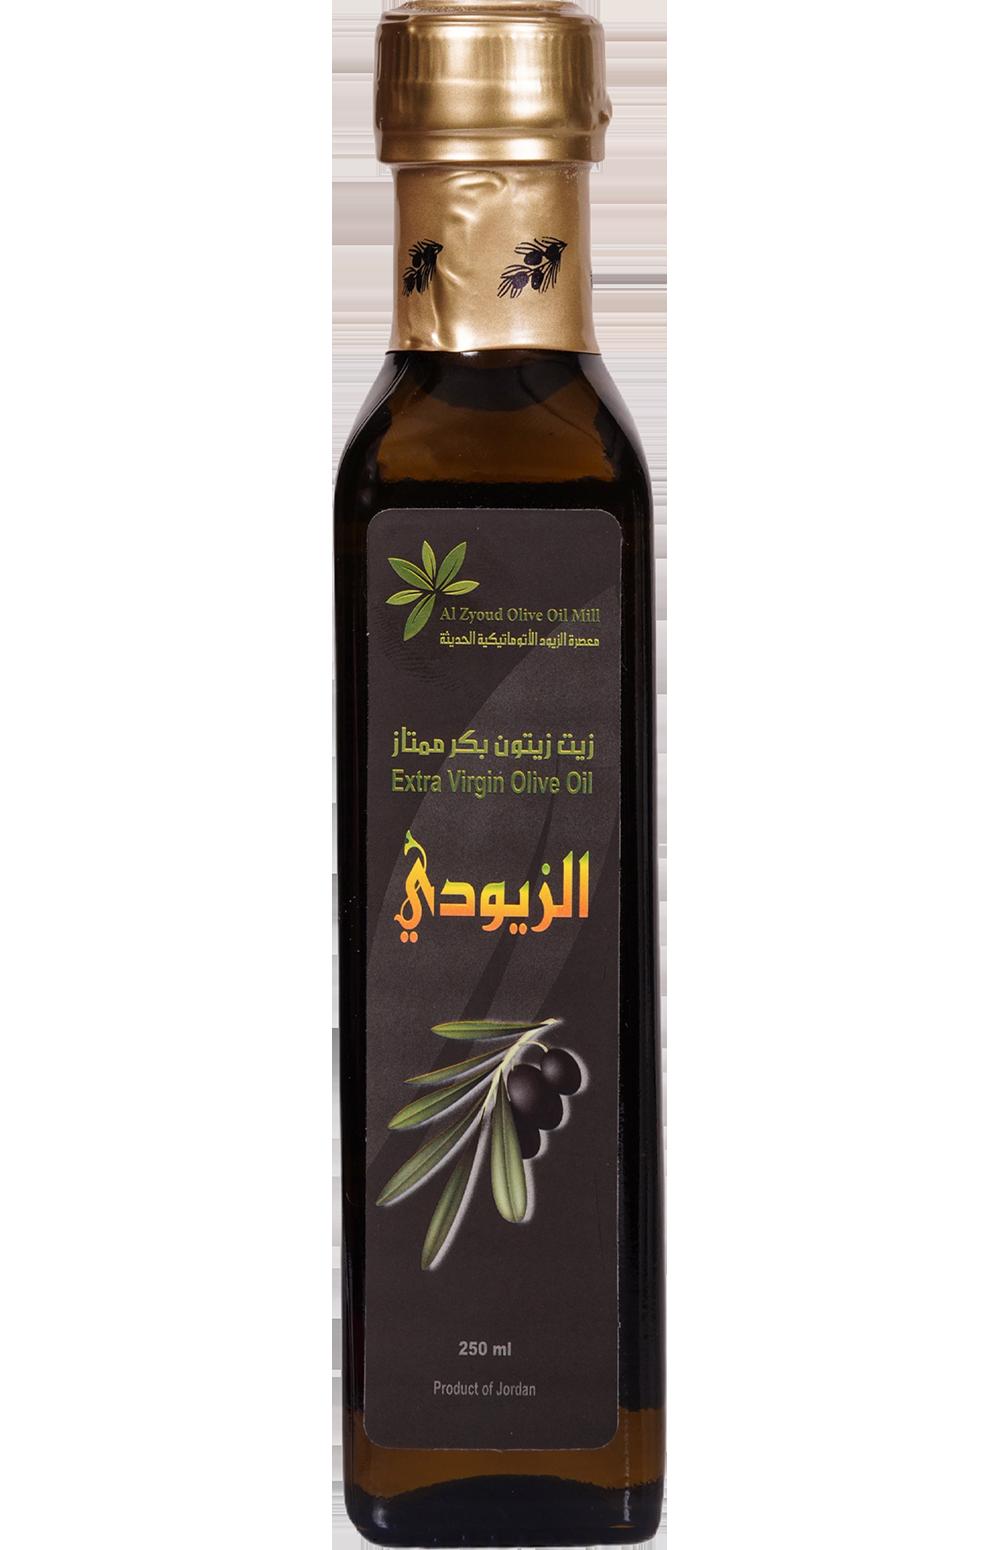 Al-zyoudi